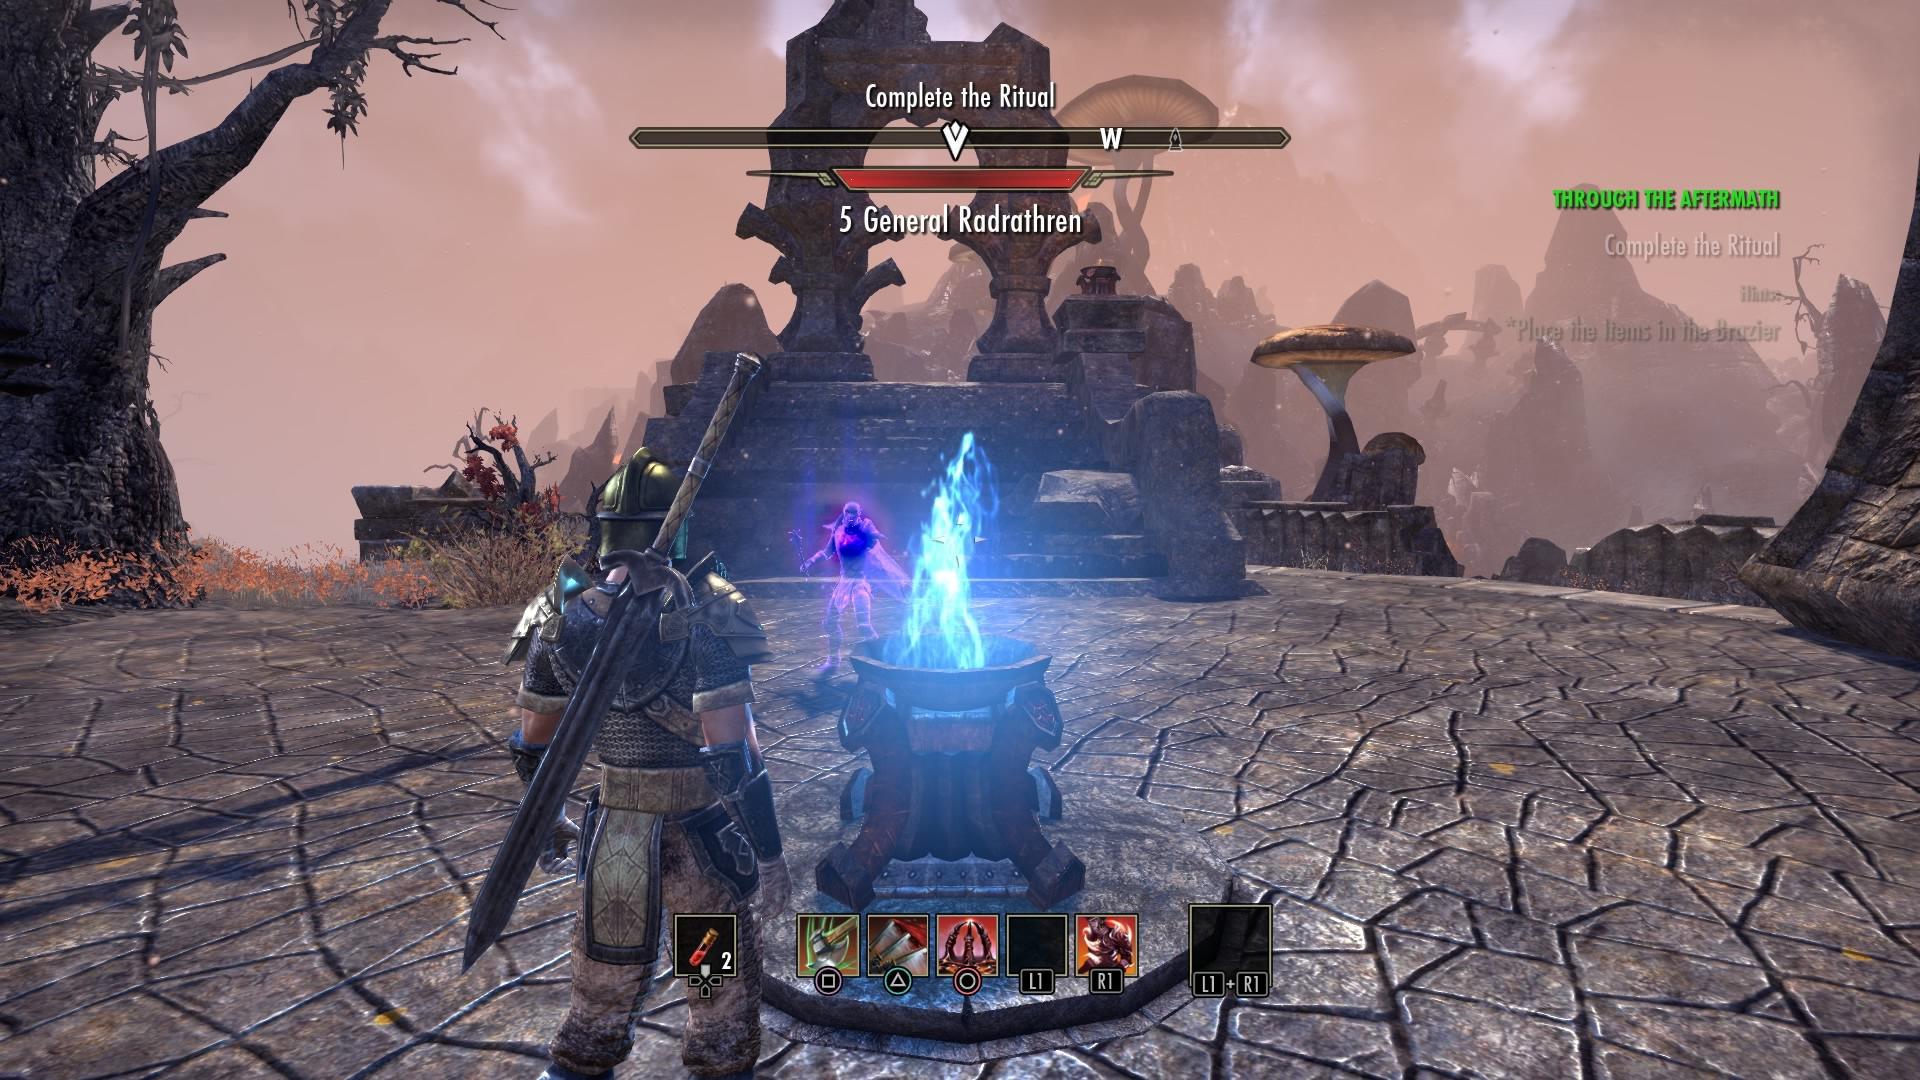 Elder scrolls online ps4 beta date